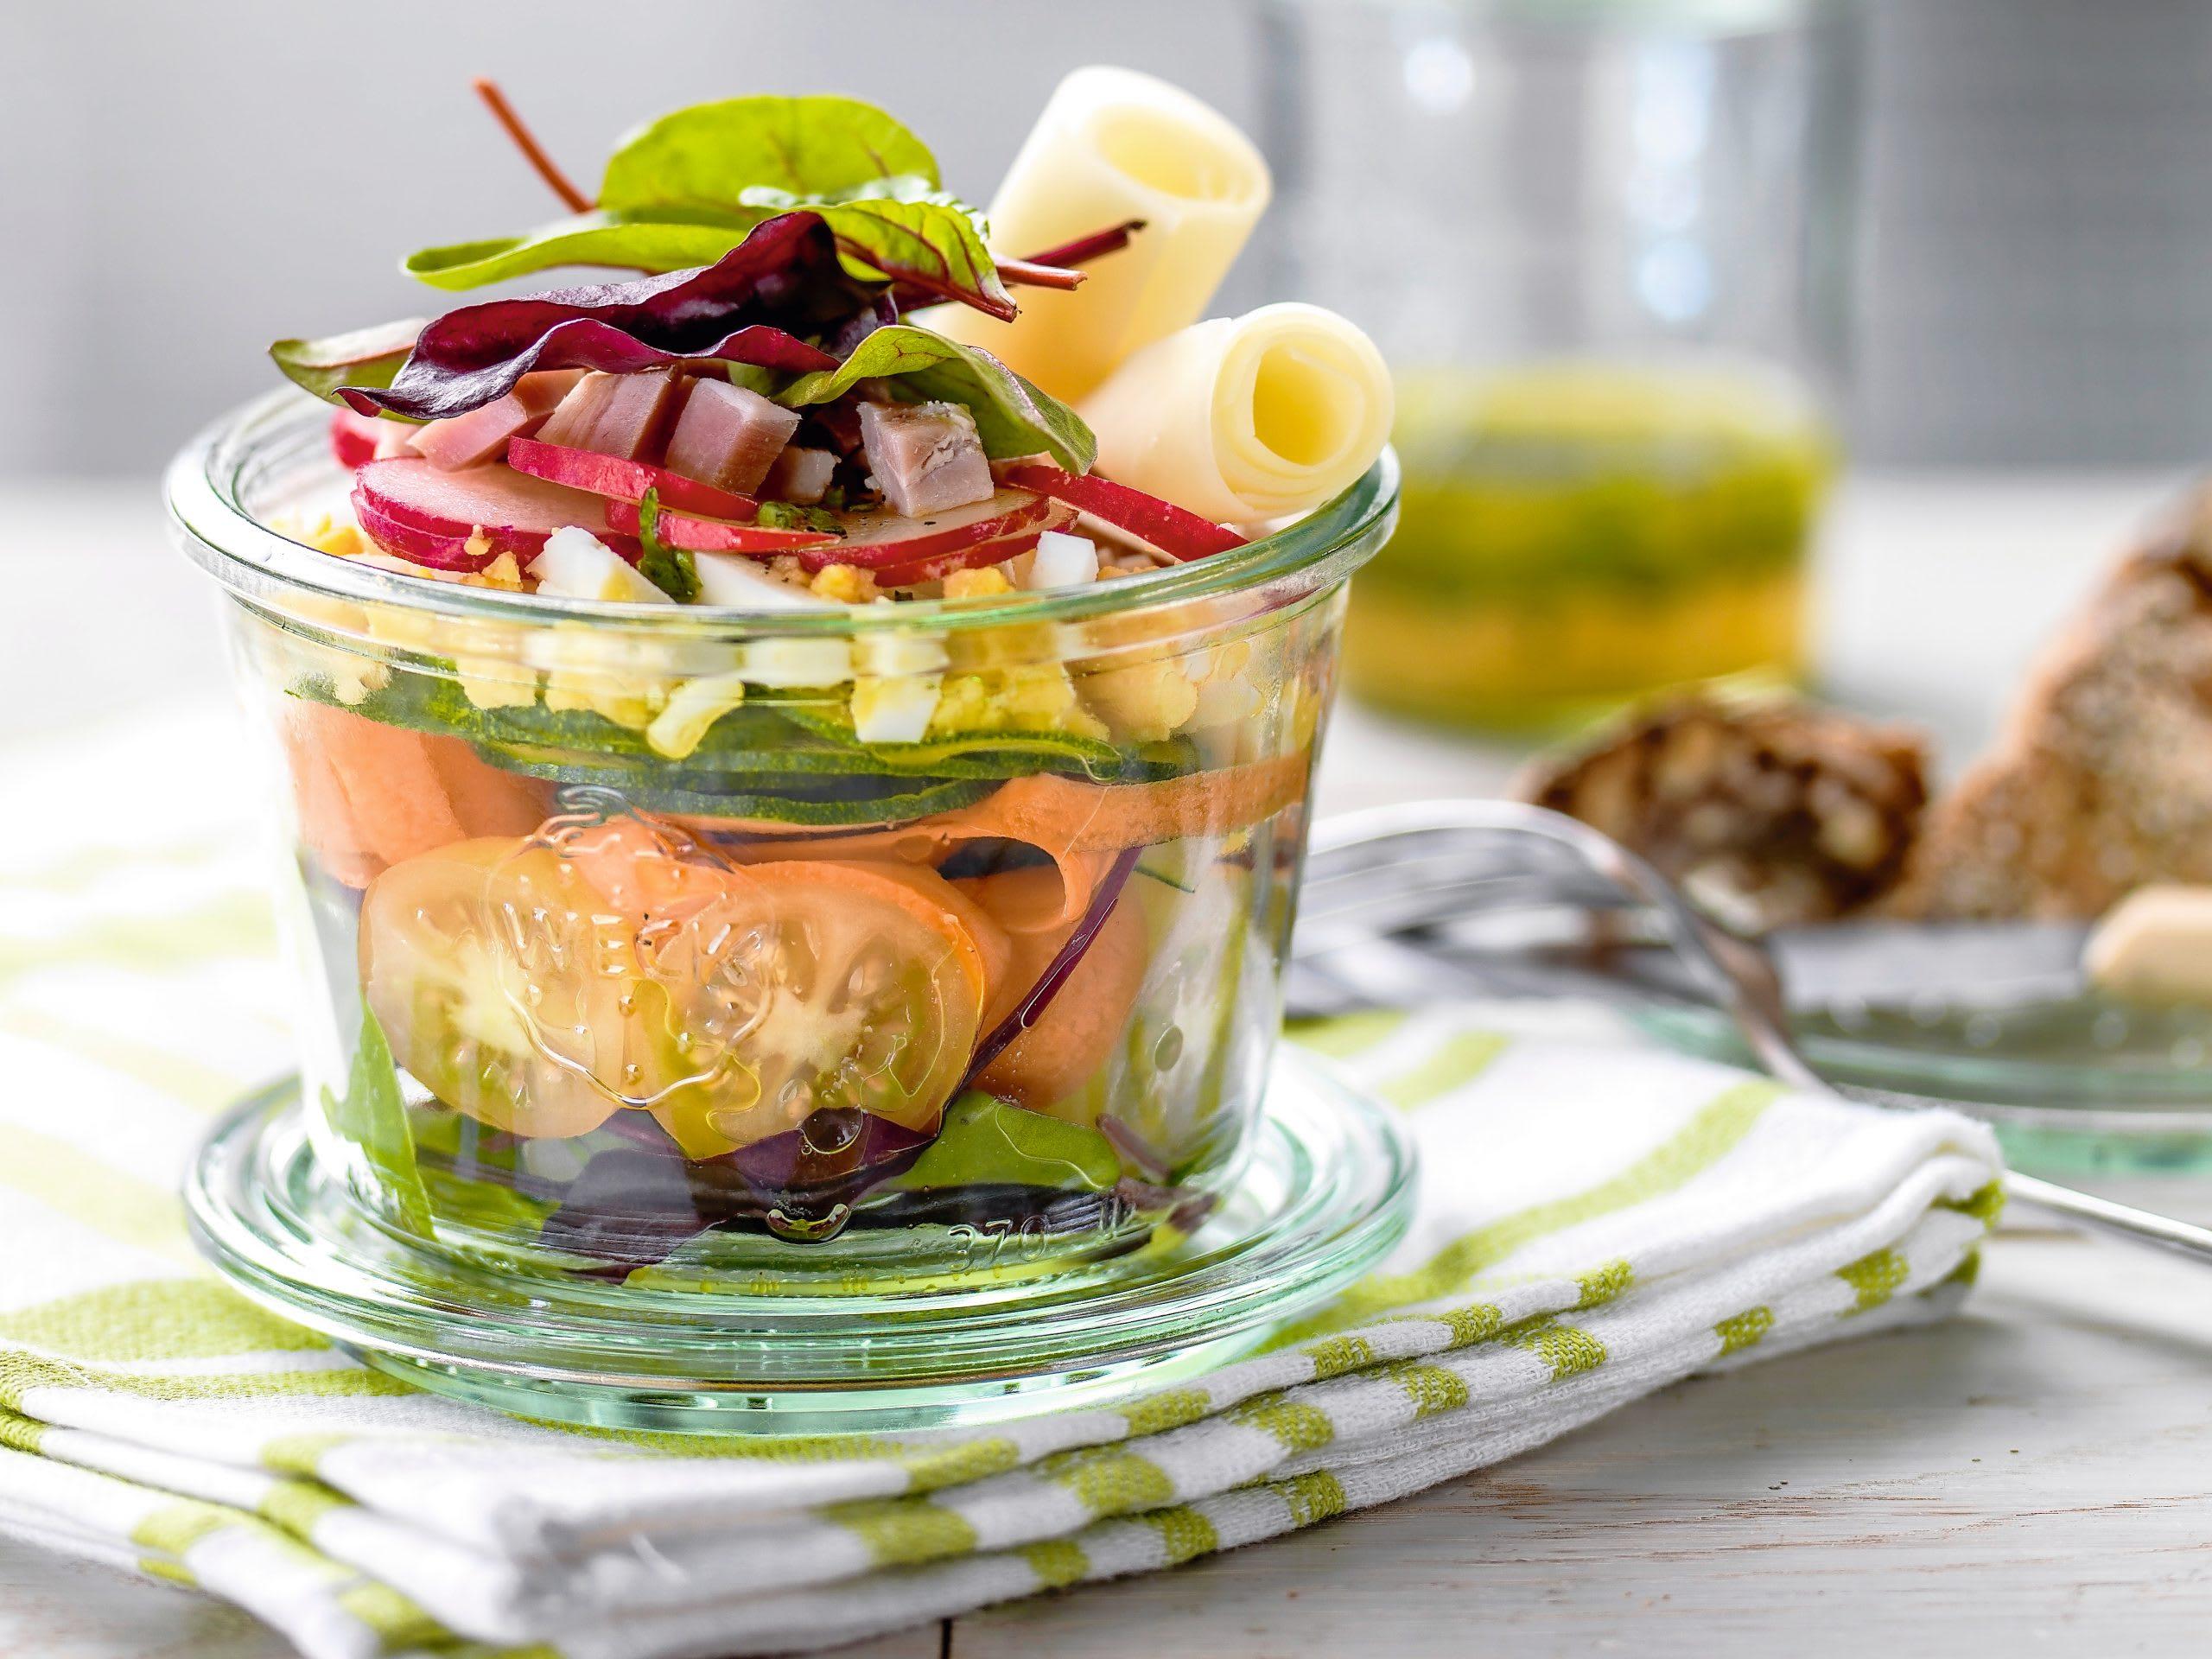 Bunter Salat im Glas mit Schinken und Ei (Low Carb)